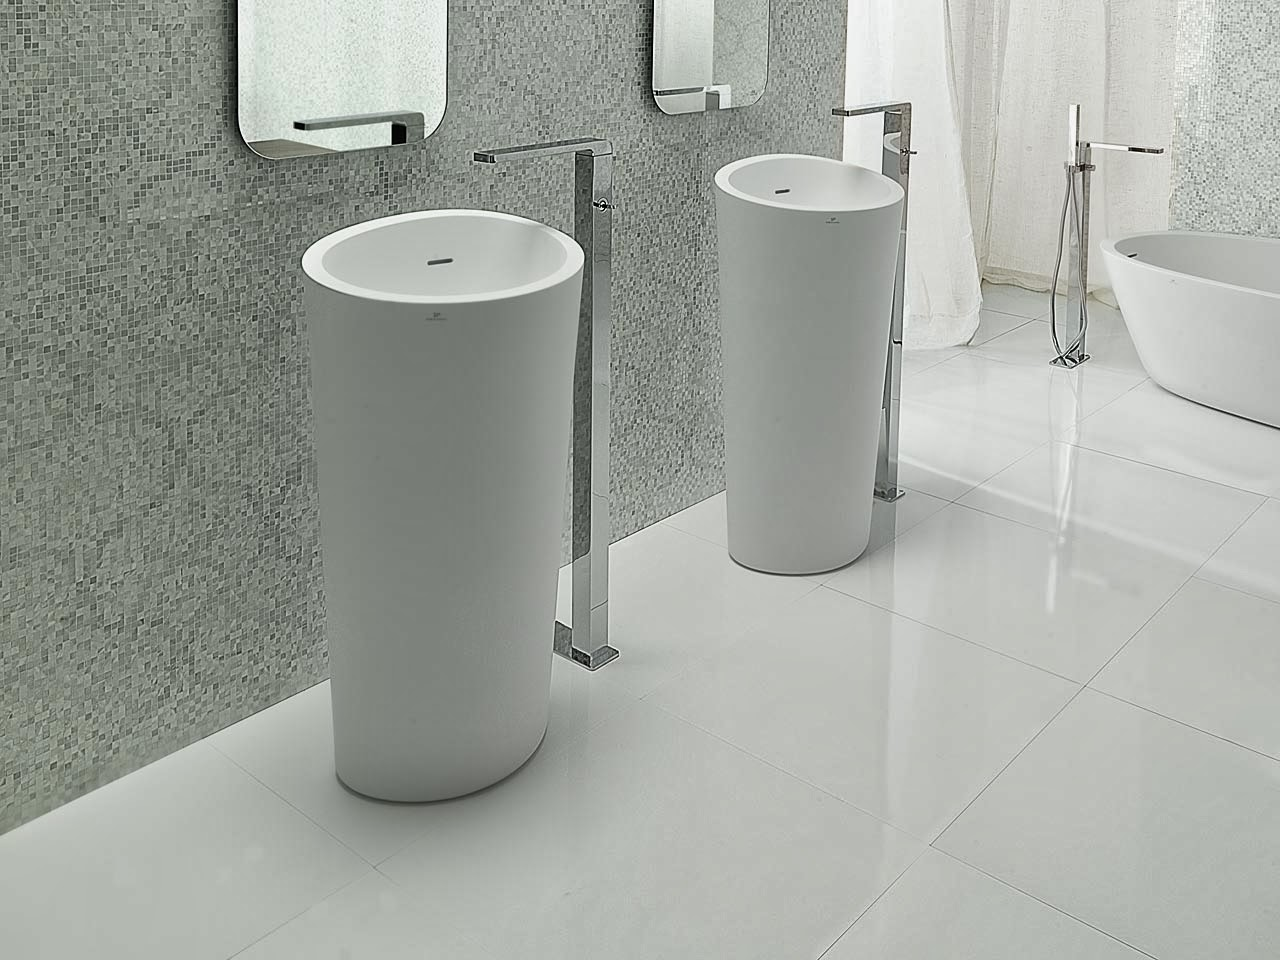 Lavabos para ba os abatimientos e intersecciones - Porcelanosa banos pequenos ...